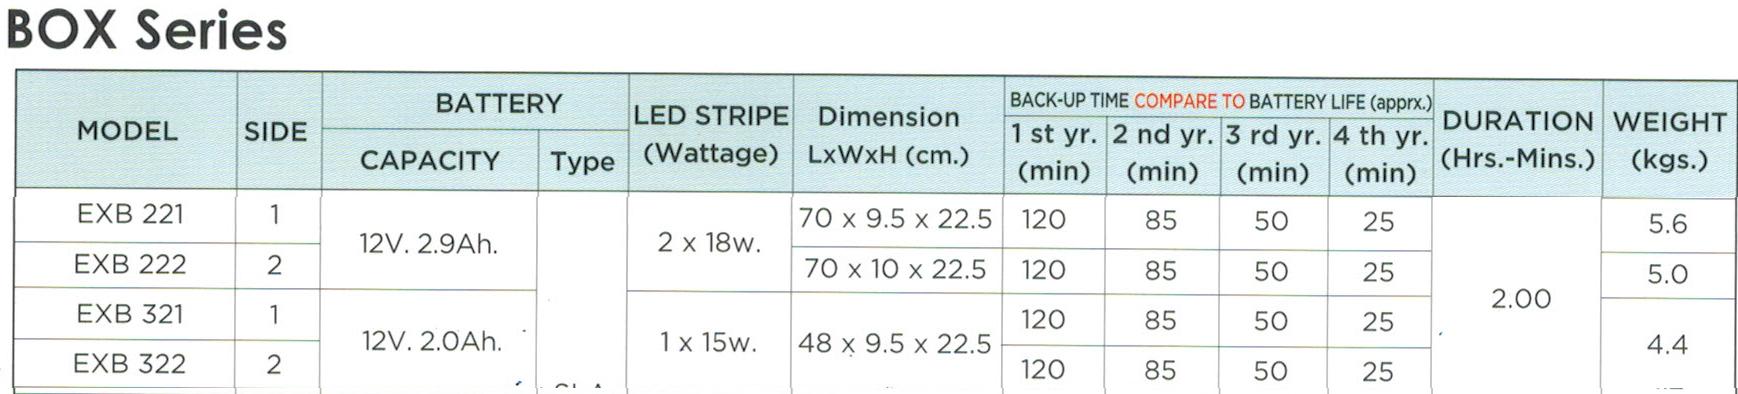 กล่องไฟทางหนีไฟ กล่องไฟทางออก EXB221, EXB222, EXB321, EXB322, Box LED Series (Exit Sign Lighting Max Bright C.E.E.)